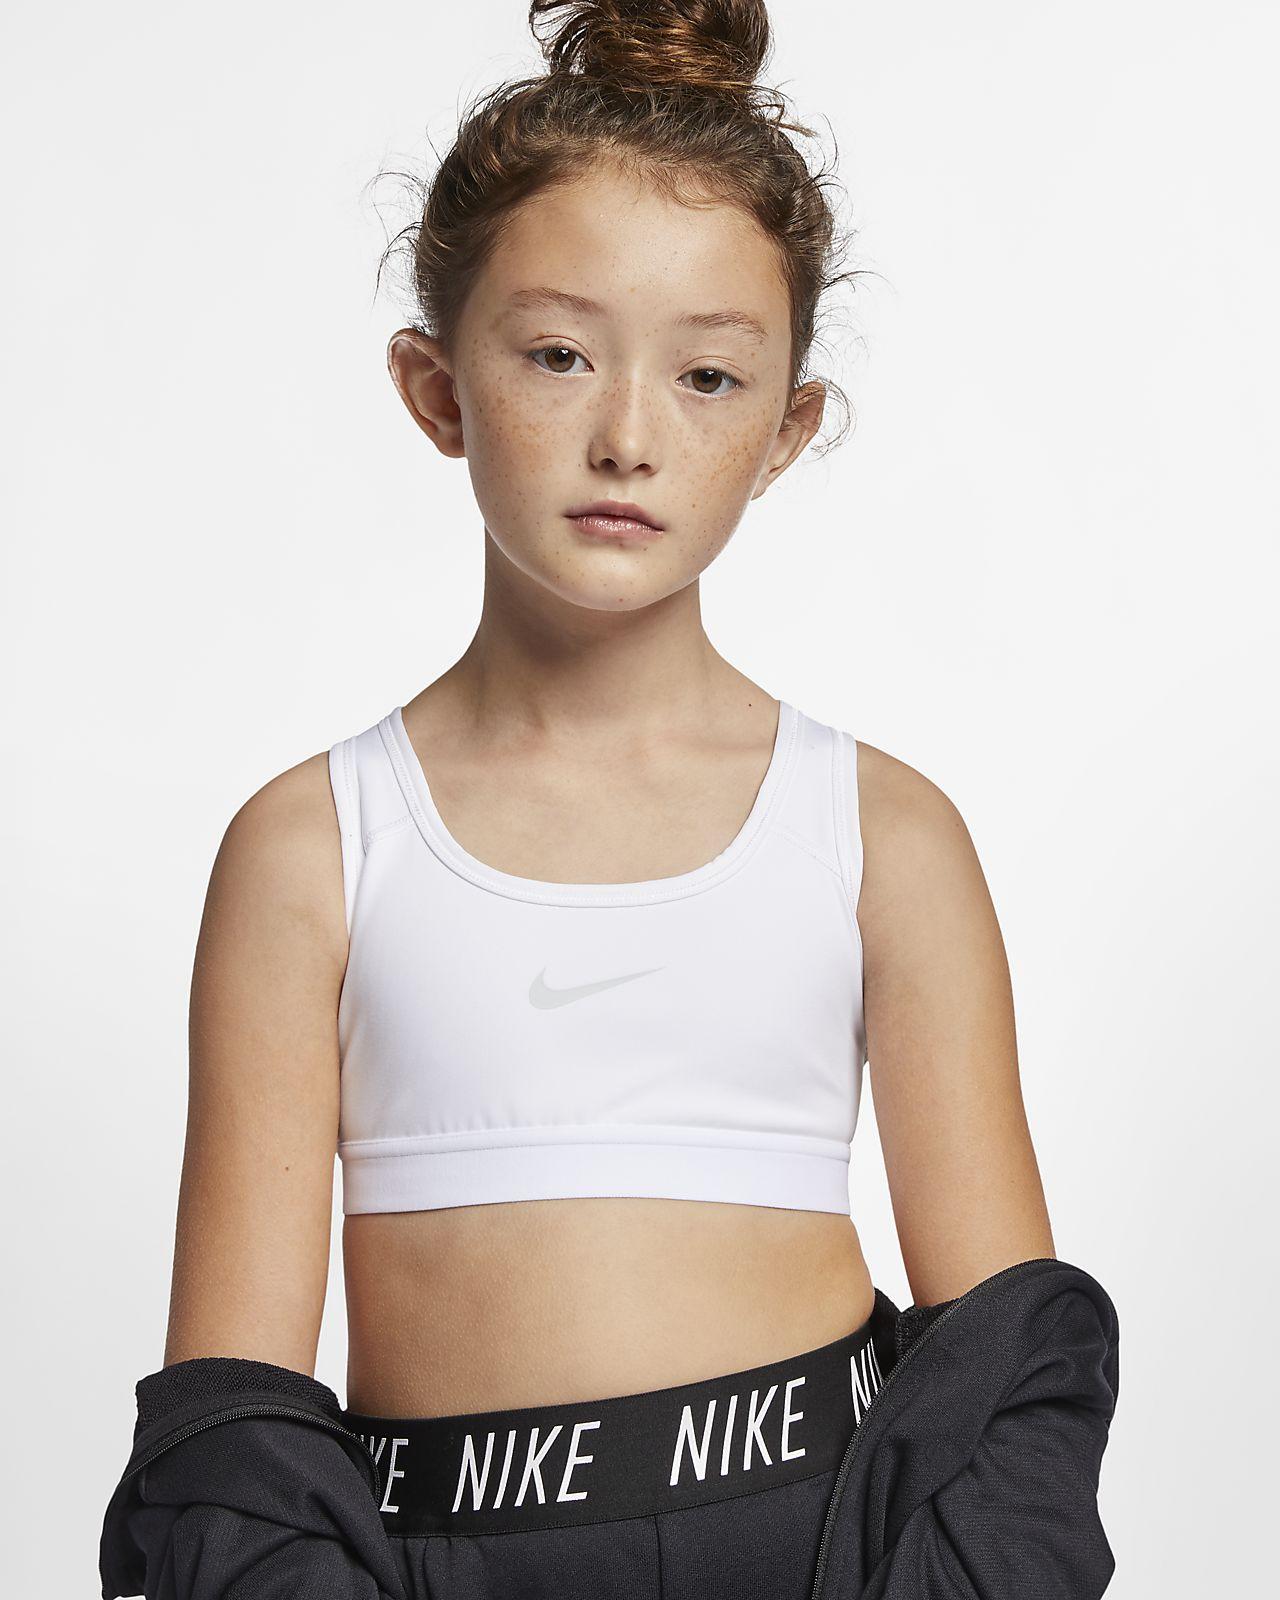 Sportovní podprsenka Nike pro dívky